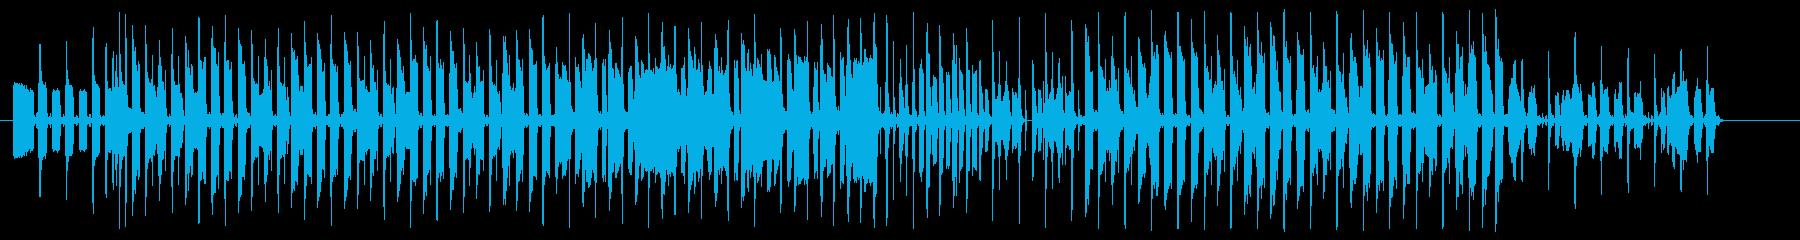 ハムスターをイメージしたペットのテーマの再生済みの波形